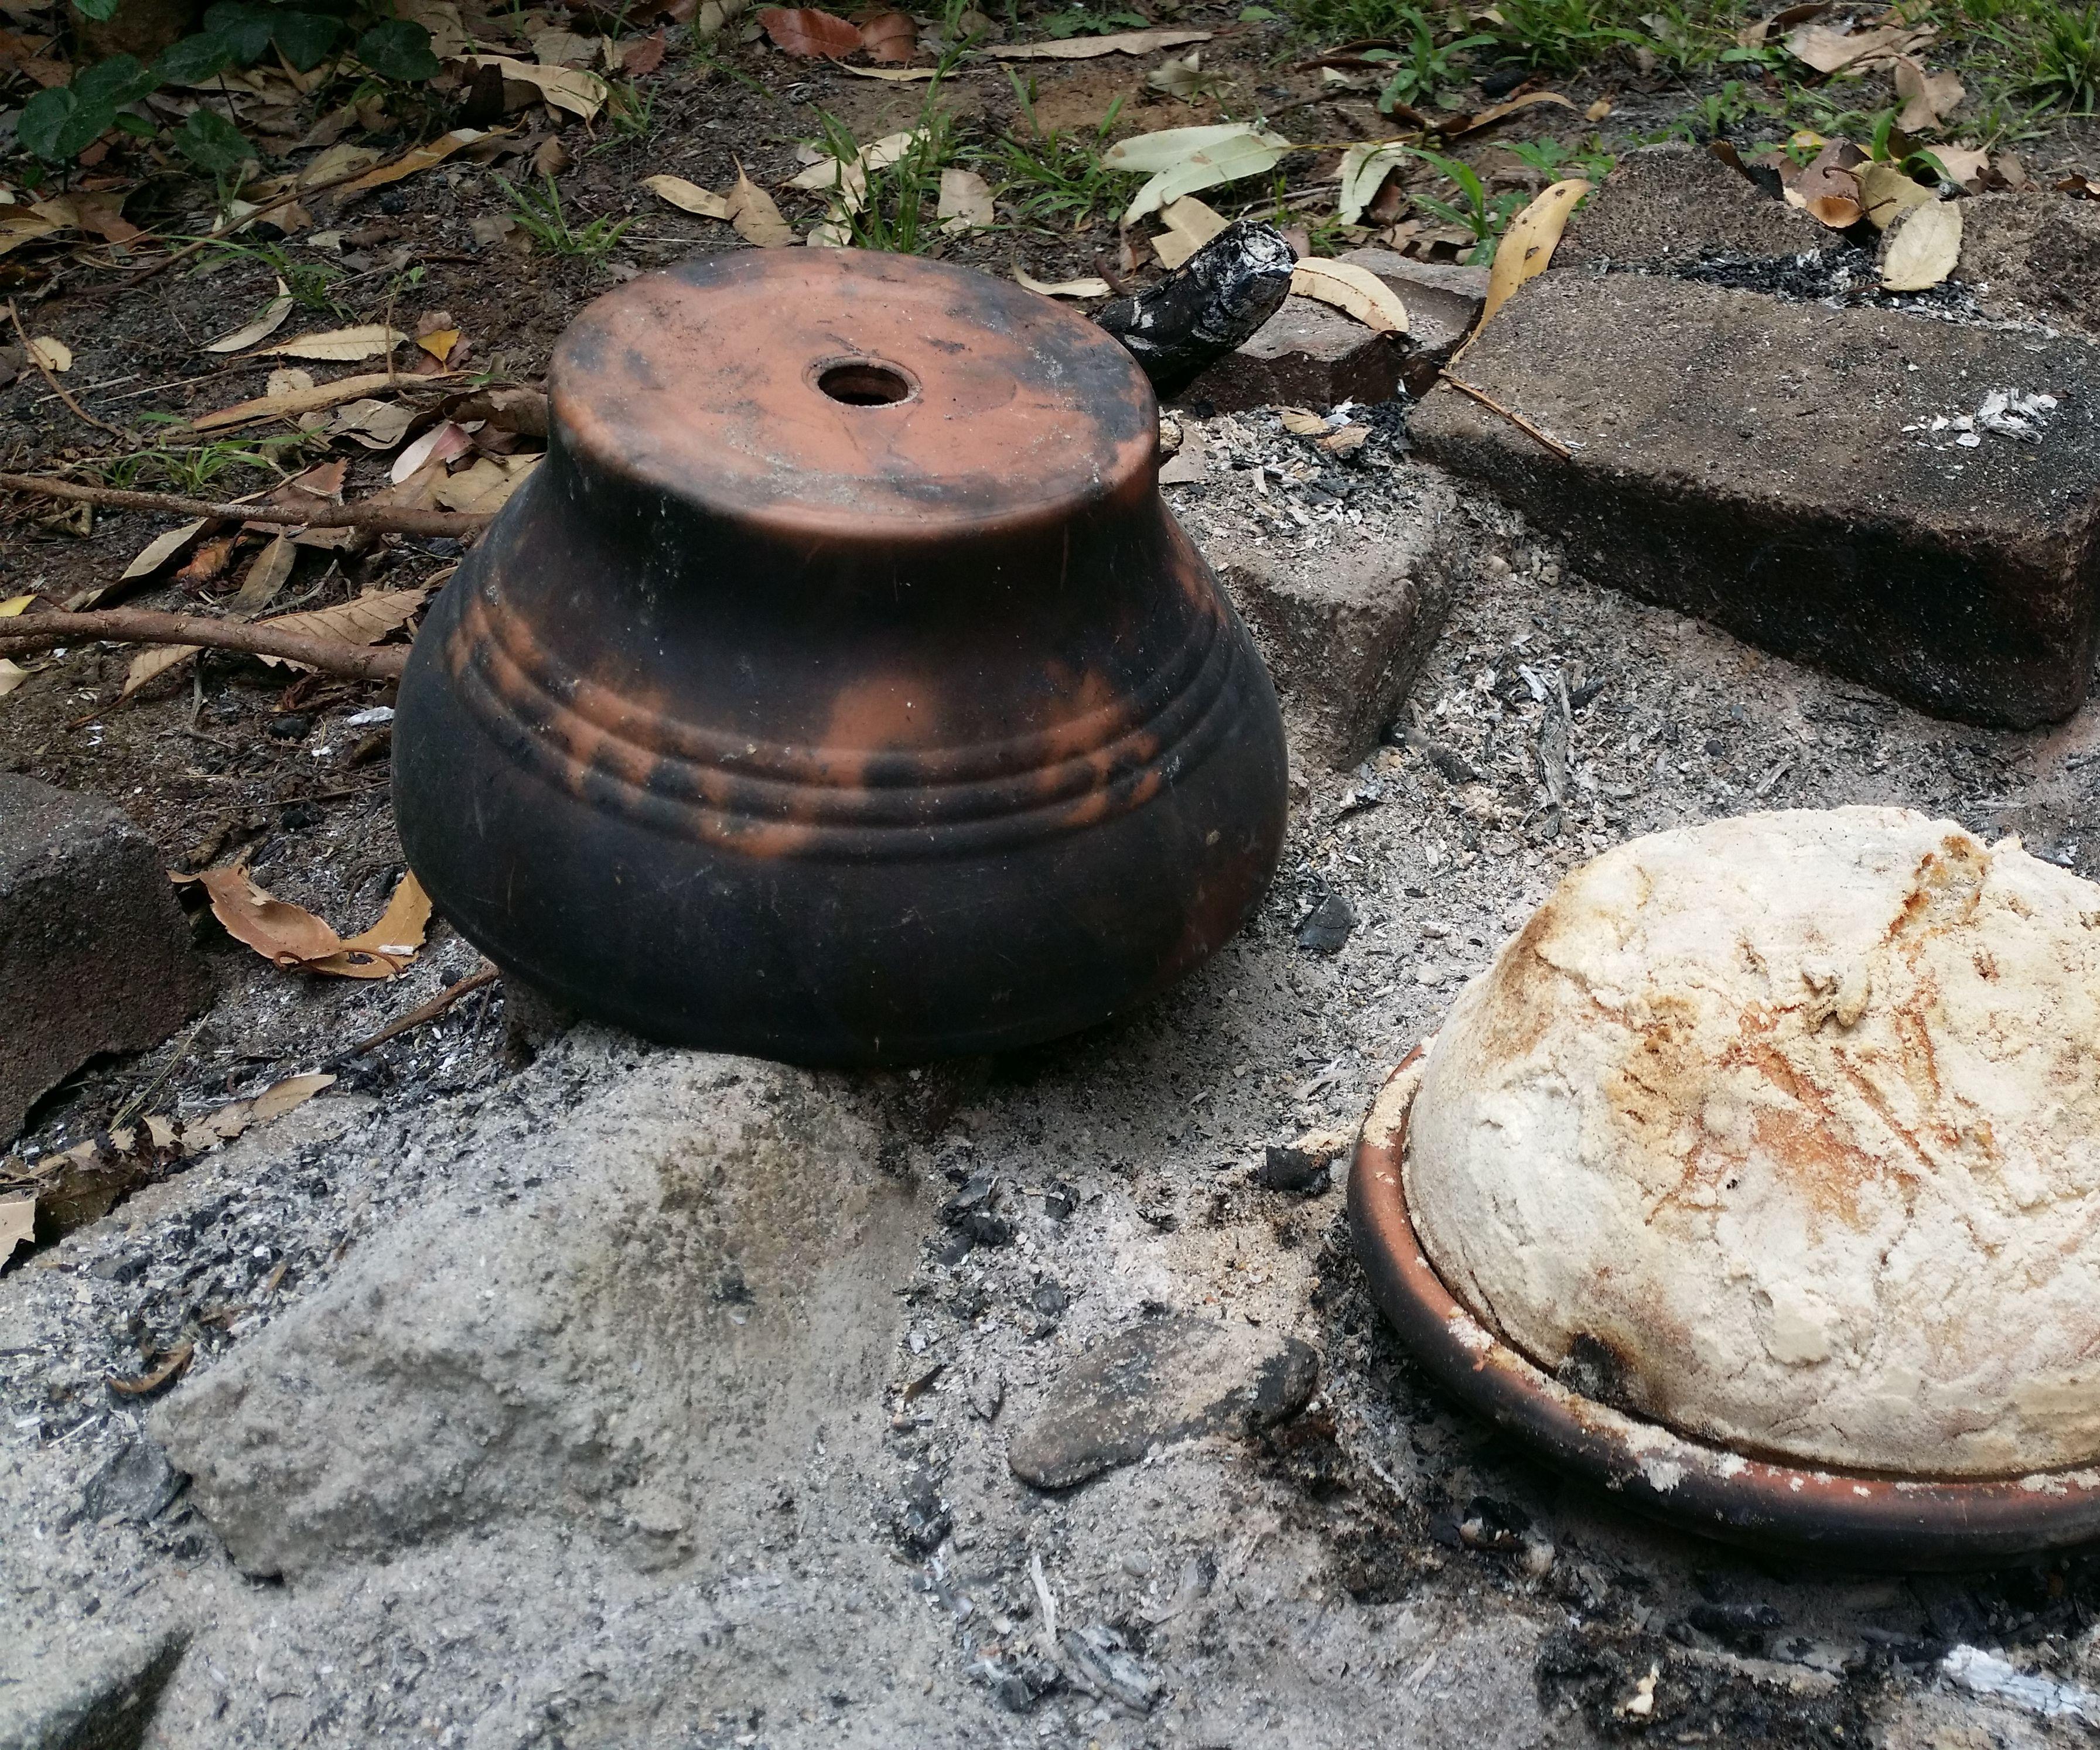 Baking Bread in a Ceramic Flower Pot